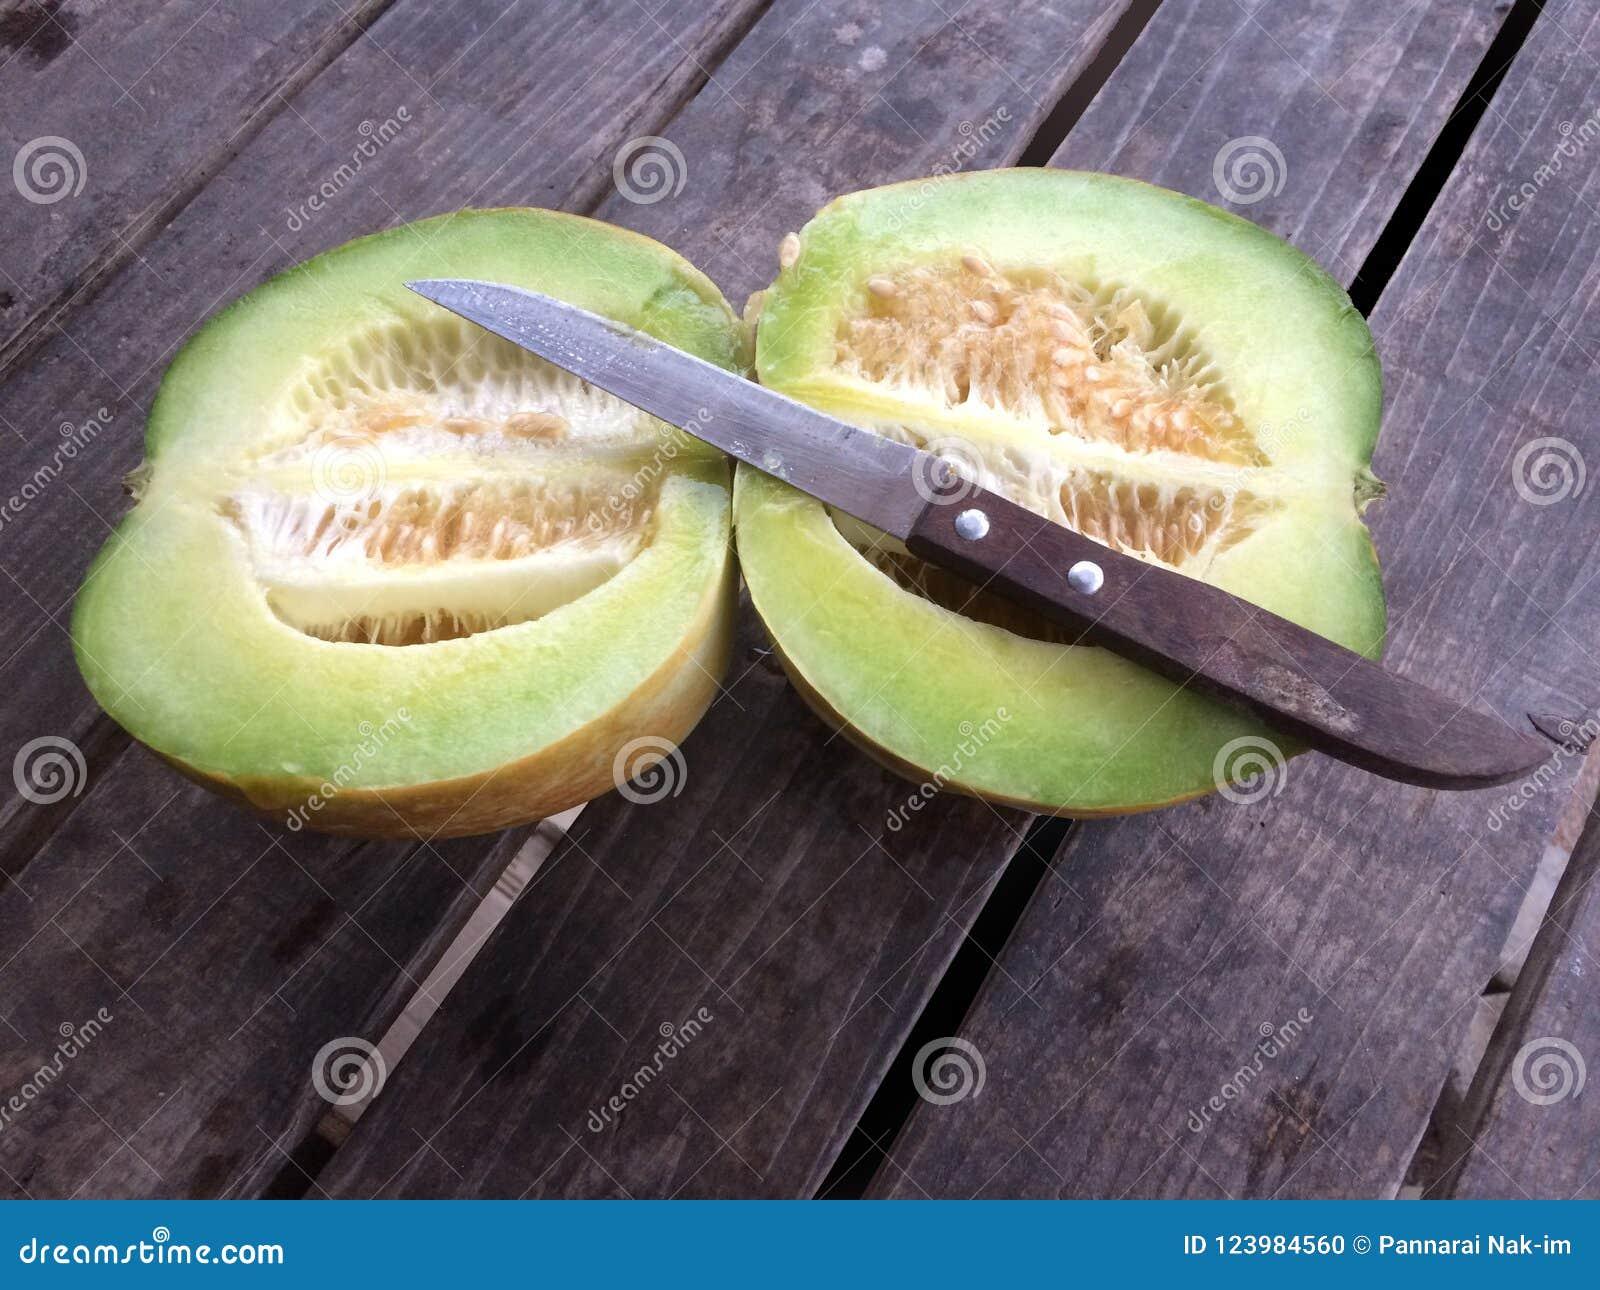 Cantaloupmelon eller muskmelon och kniv på den gamla trätabellen